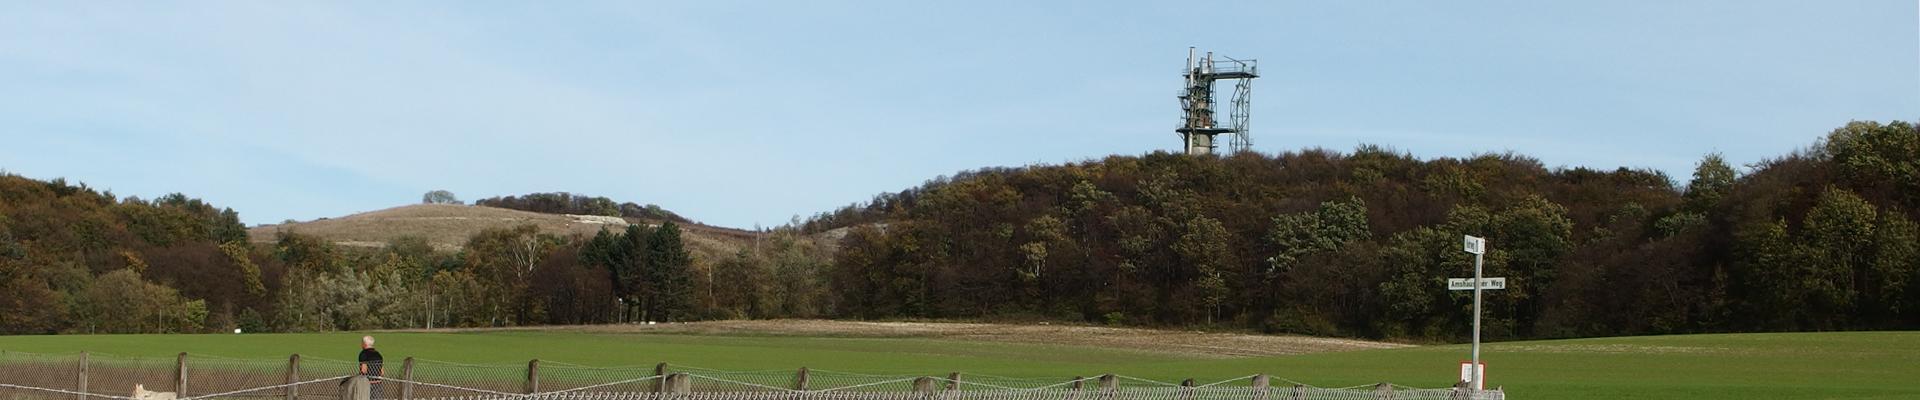 Verkehrsberuhigte Hanglage mit Sicht auf den Teutoburger Wald, direkt aus unserer Ferienwohnung.